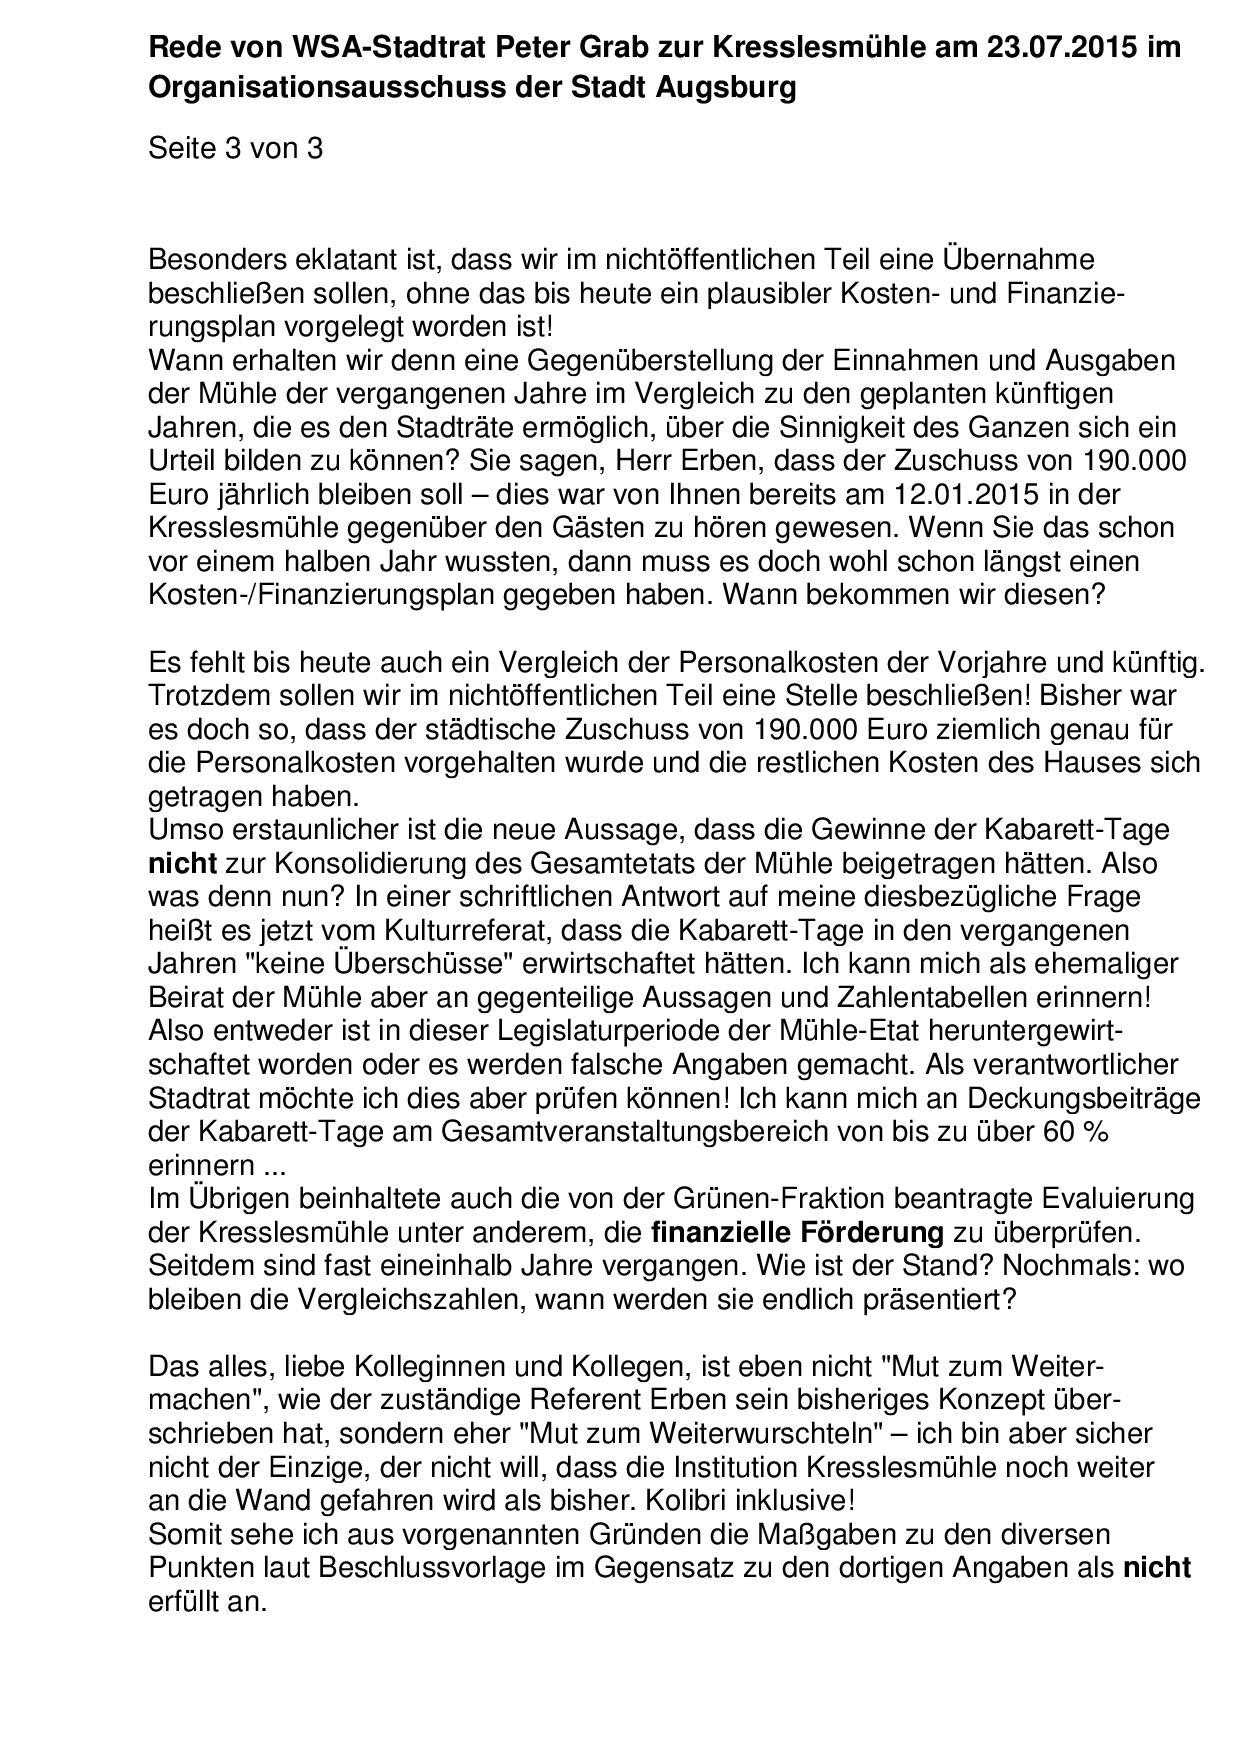 Rede zur Kresslesmühle am 23.07.2015 im Organisationsausschuss-003